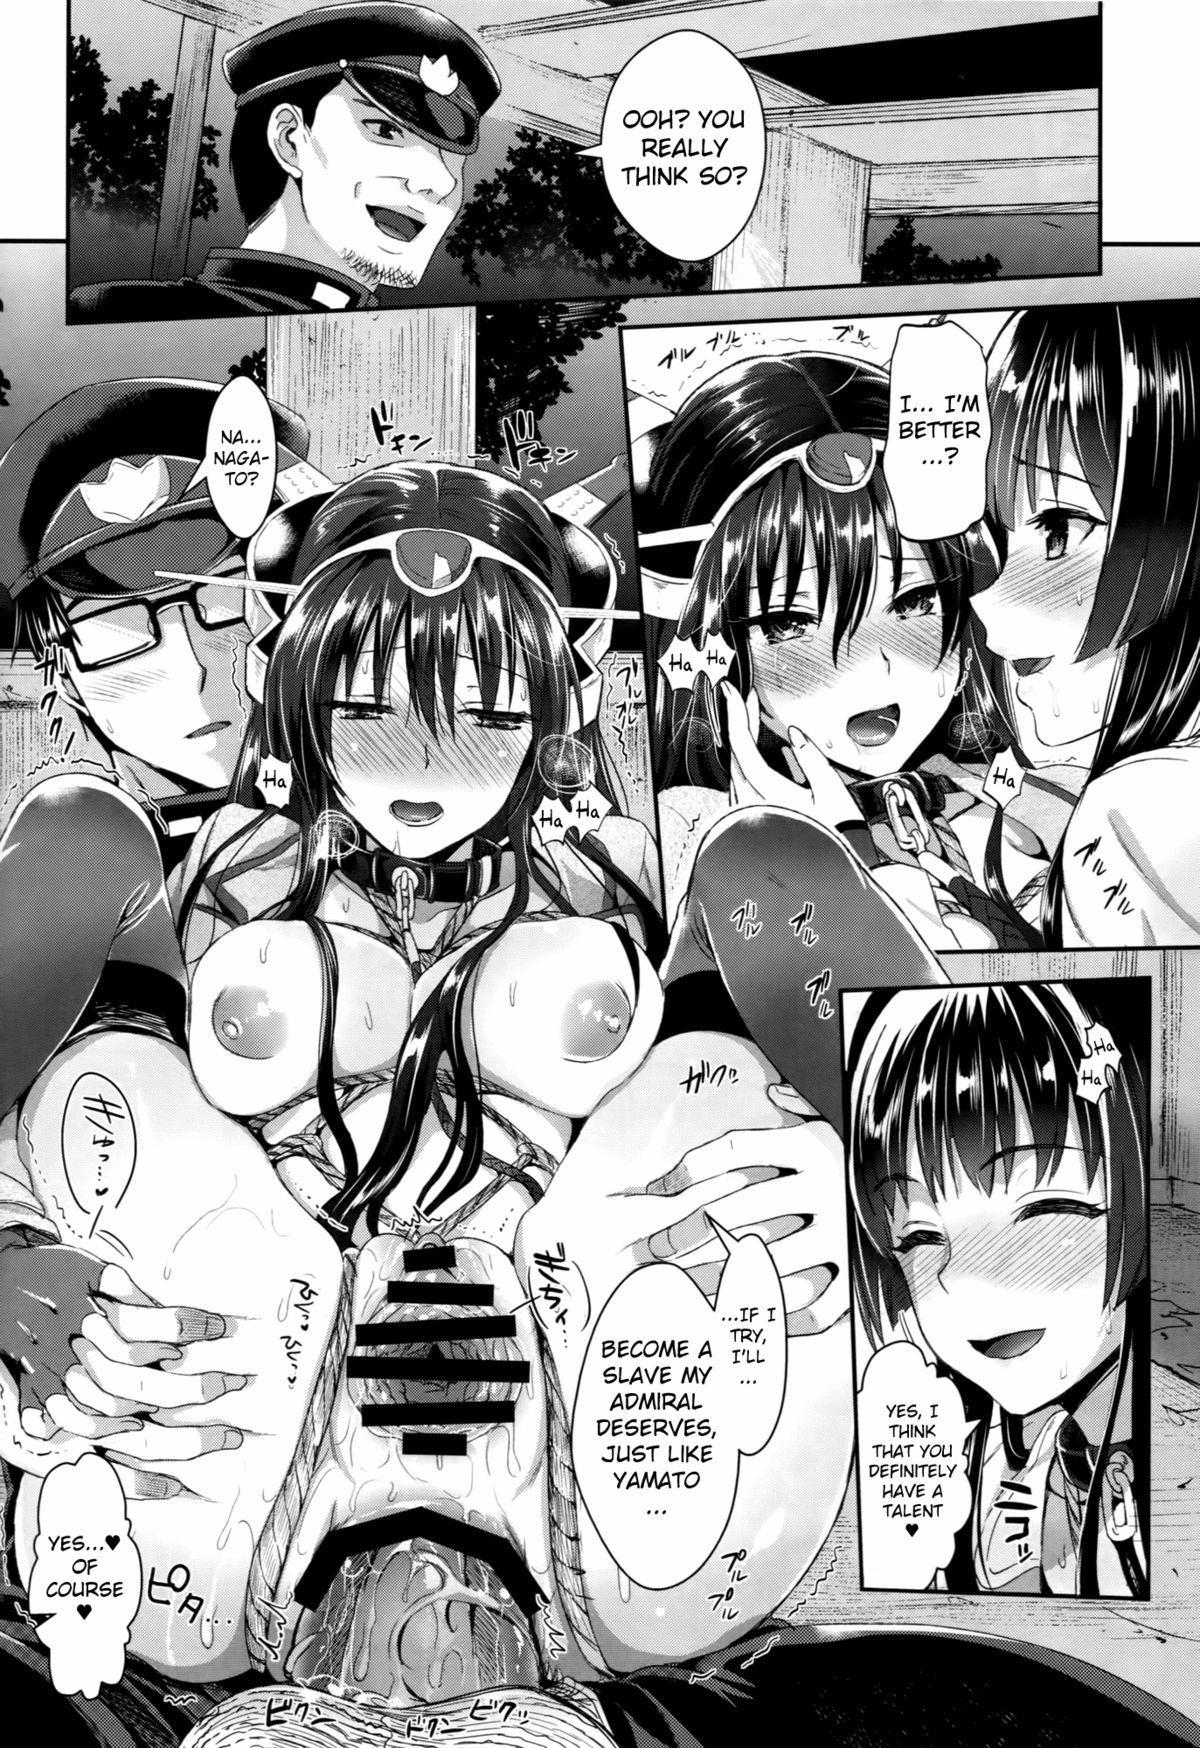 (C87) [YURIRU-RARIKA (Kojima Saya, Lazu)] Senkan Nagato to Hentai Teitoku (Sono Ni)   Battleship Nagato and Perverted Admiral (Part 2) (Kantai Collection -KanColle-) [English] [MintVoid] 20